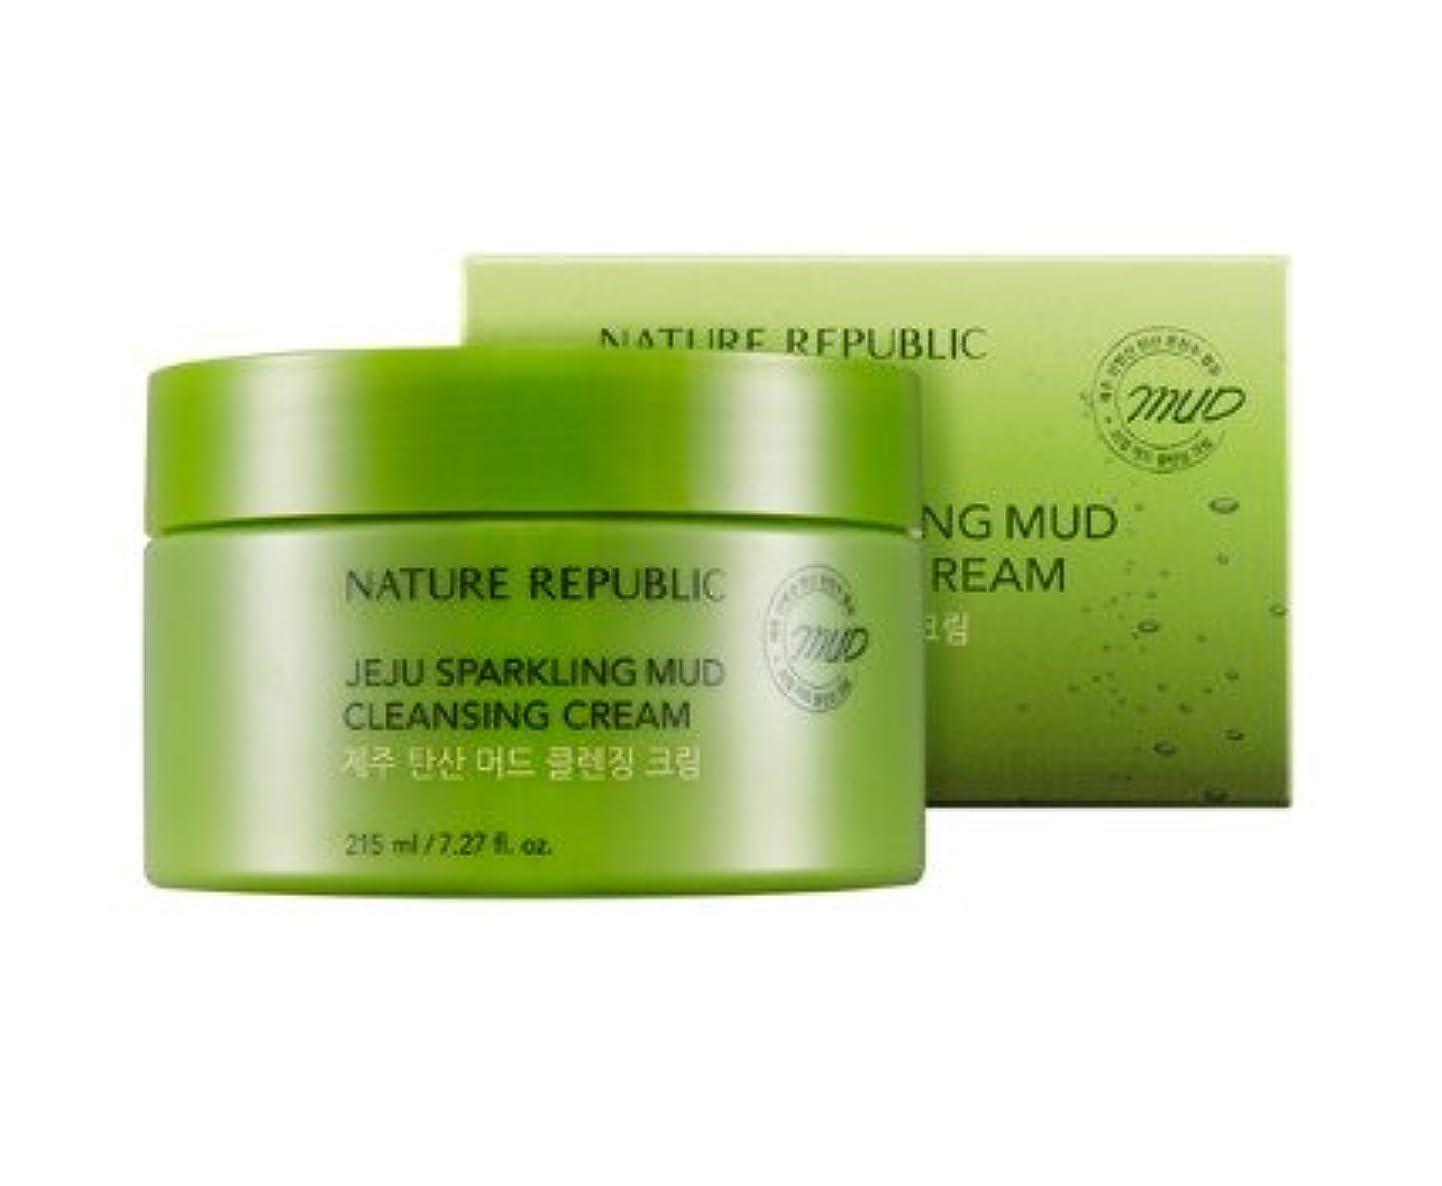 残酷番号主観的Nature republic Jeju Sparkling Mud Cleansing Cream ネイチャーリパブリック チェジュ炭酸マッド クレンジングクリーム 215ML [並行輸入品]